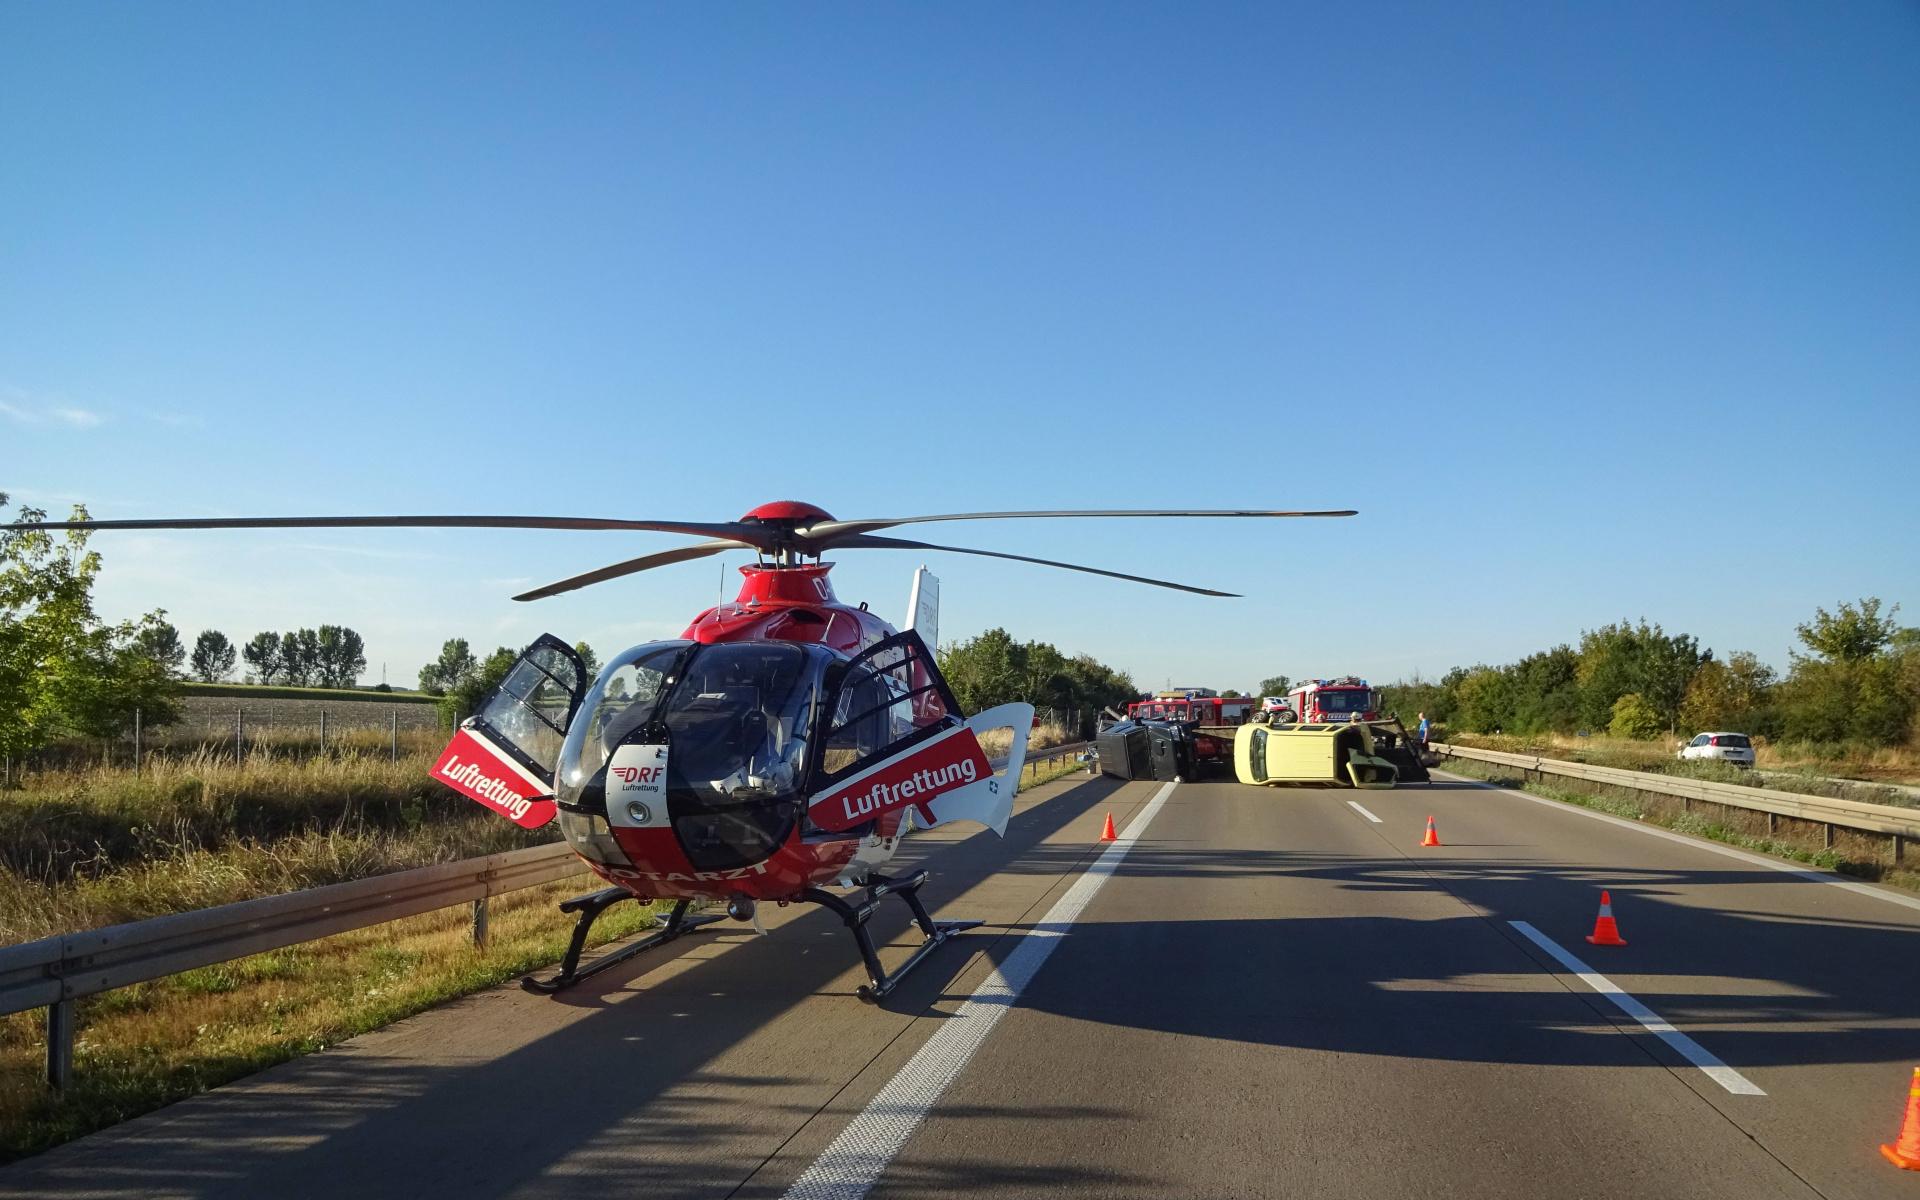 Immer wieder bei schweren Autobahnunfällen im Einsatz: Christoph 36 der DRF Luftrettung. Symbolbild.